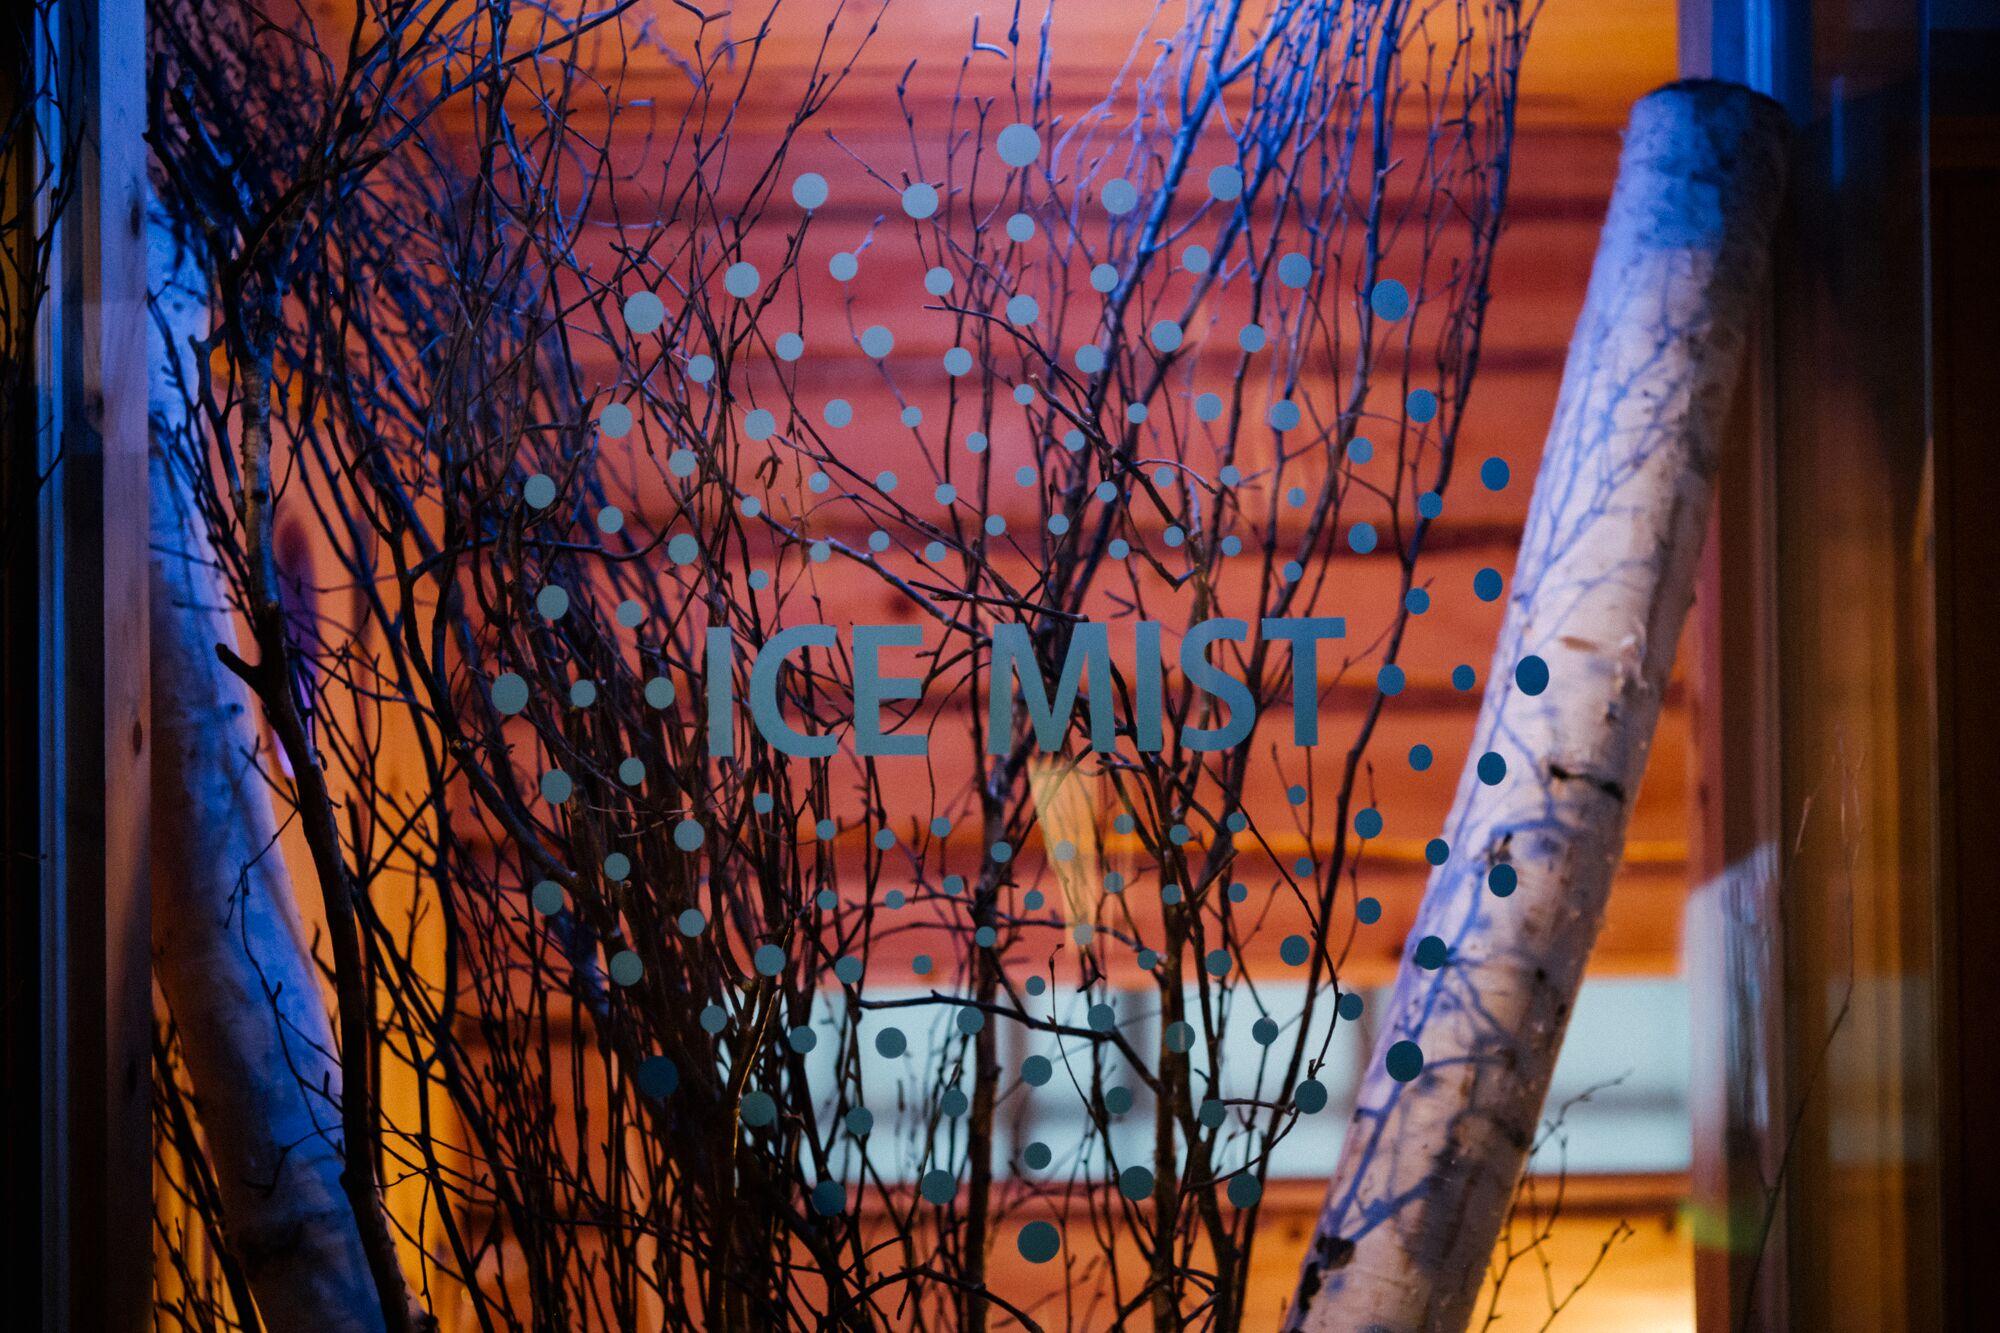 【決定版】名古屋のおすすめ穴場スポット〜絶品モーニングから隠れ家バーまで〜 - cb13fa5517c2f14f71403c4307a1715d